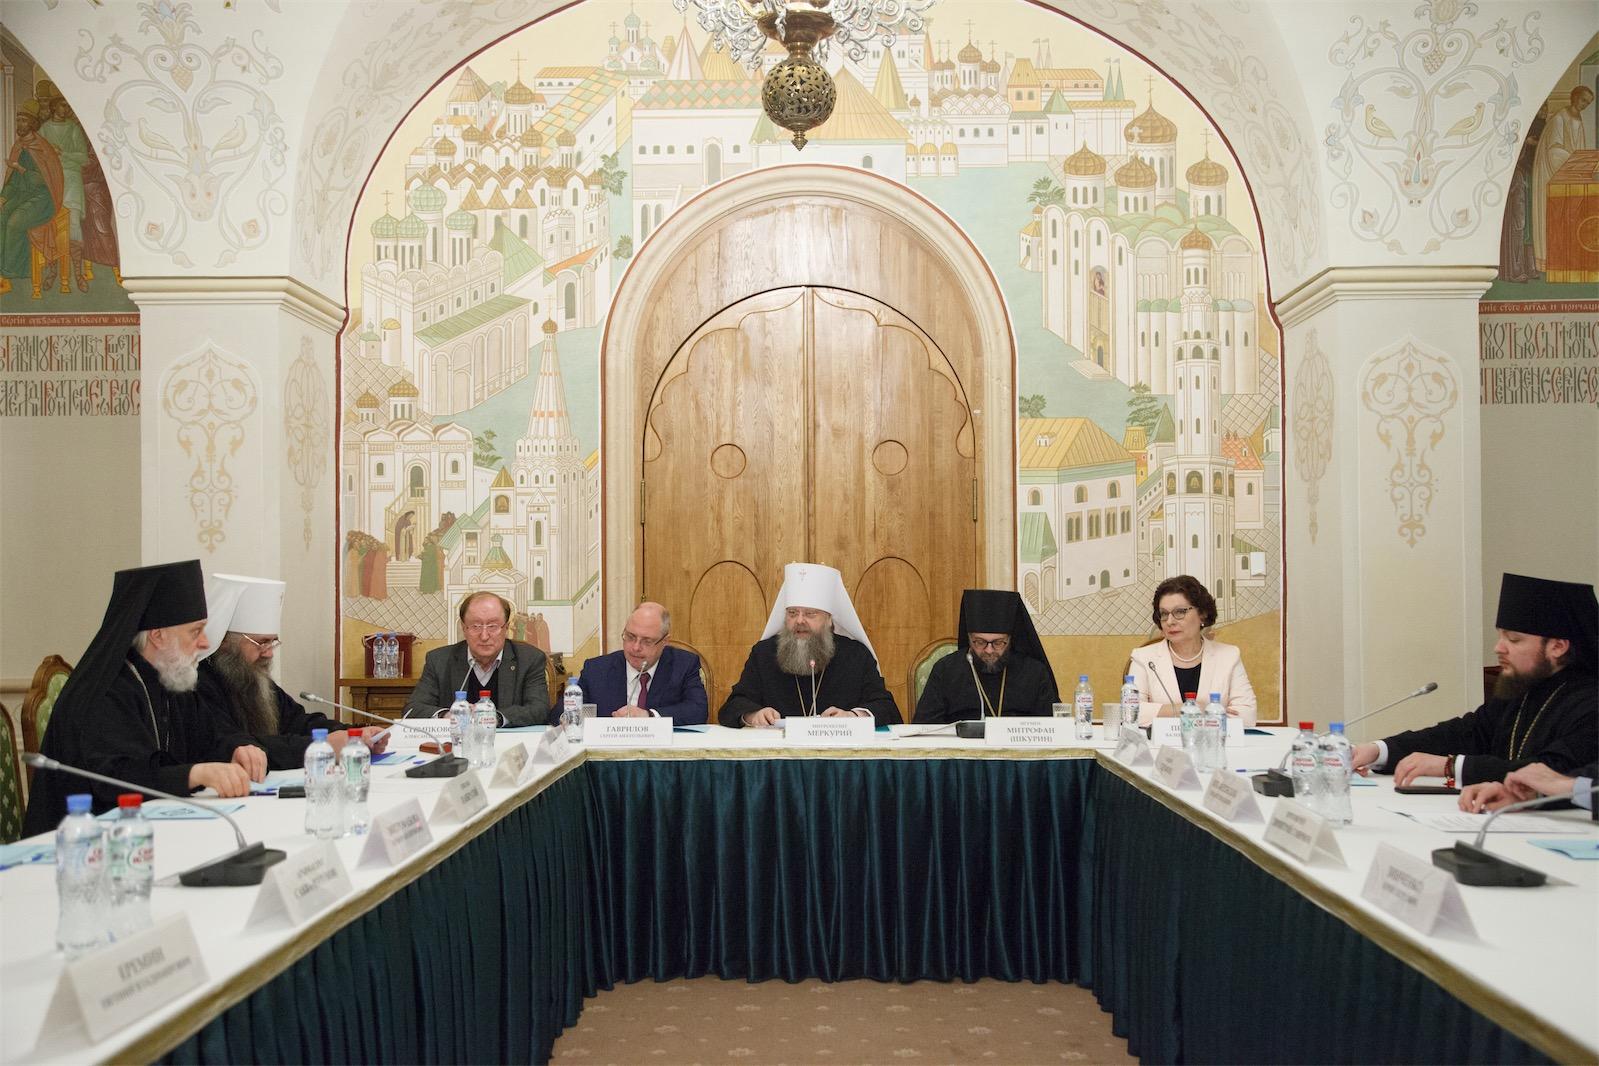 Состоялось первое заседание Оргкомитета XXVII Международных Рождественских чтений